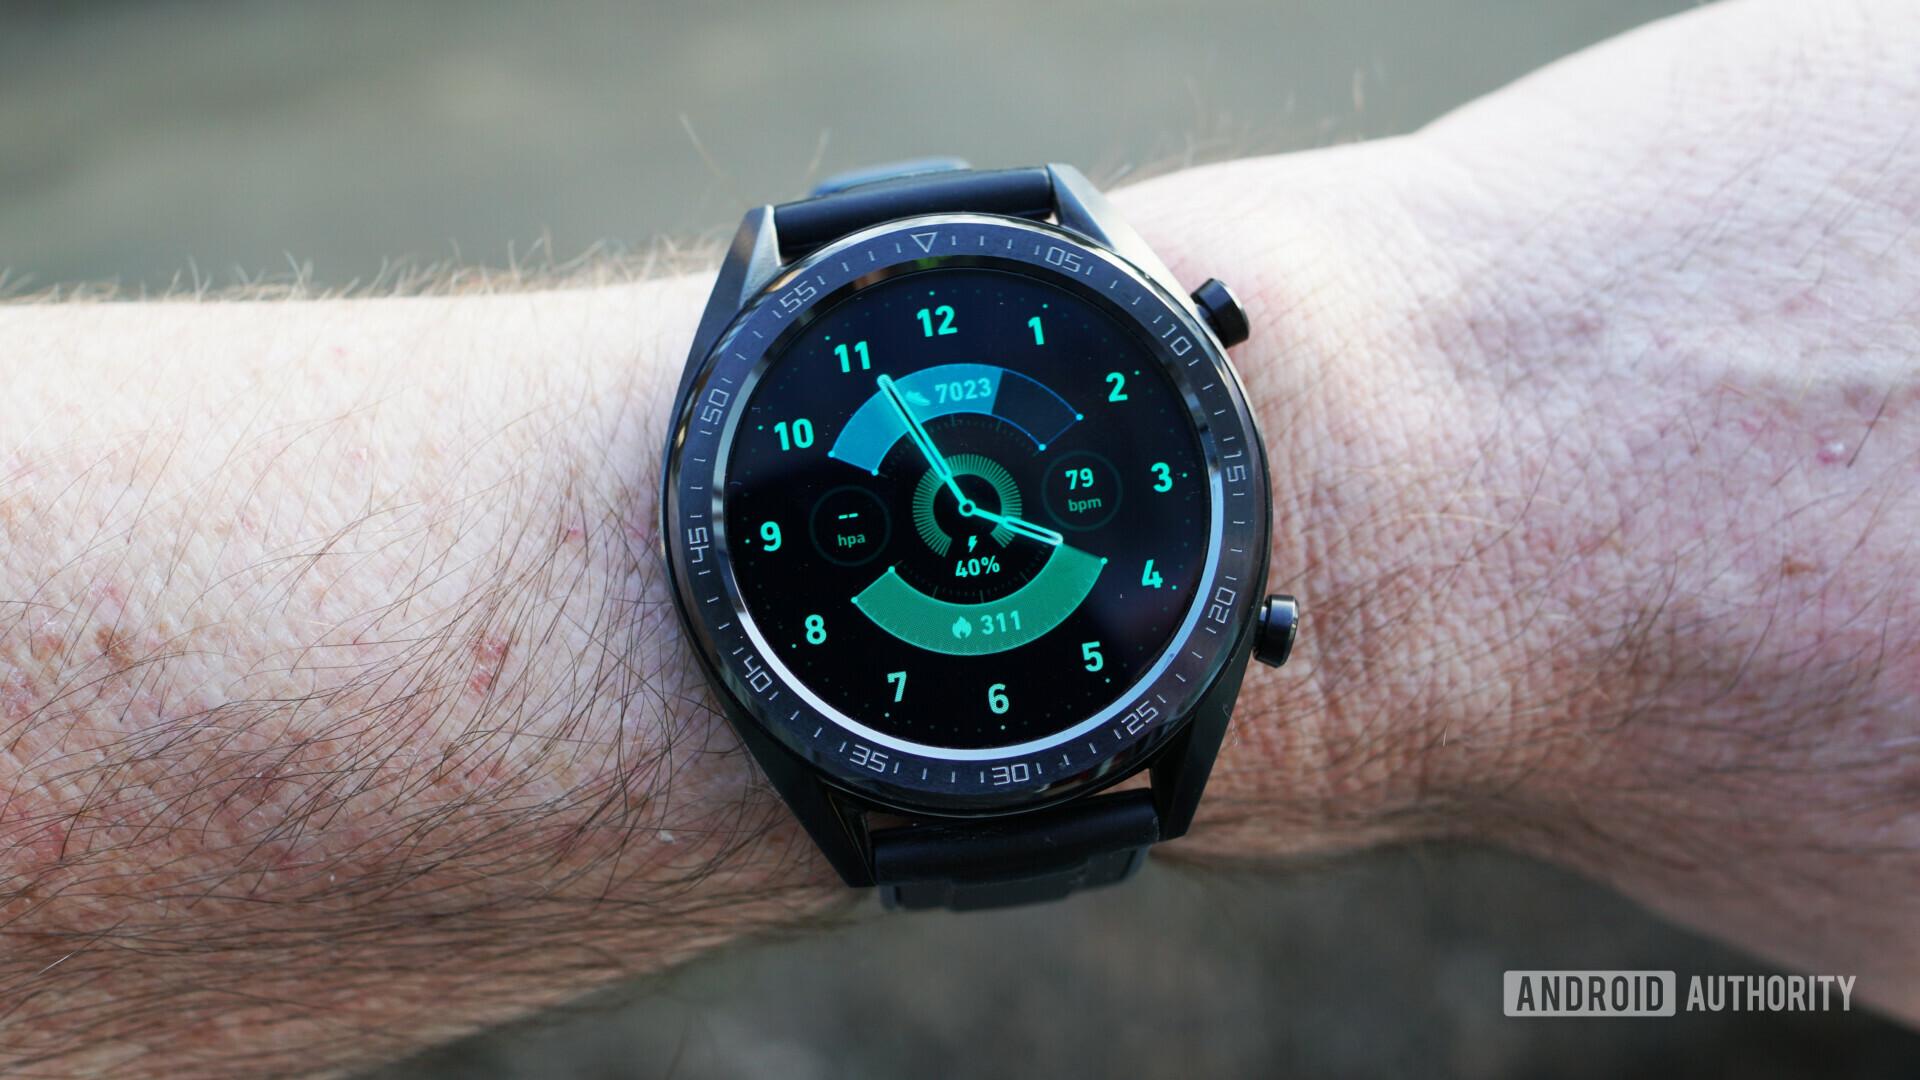 Huawei Watch GT watch face 3